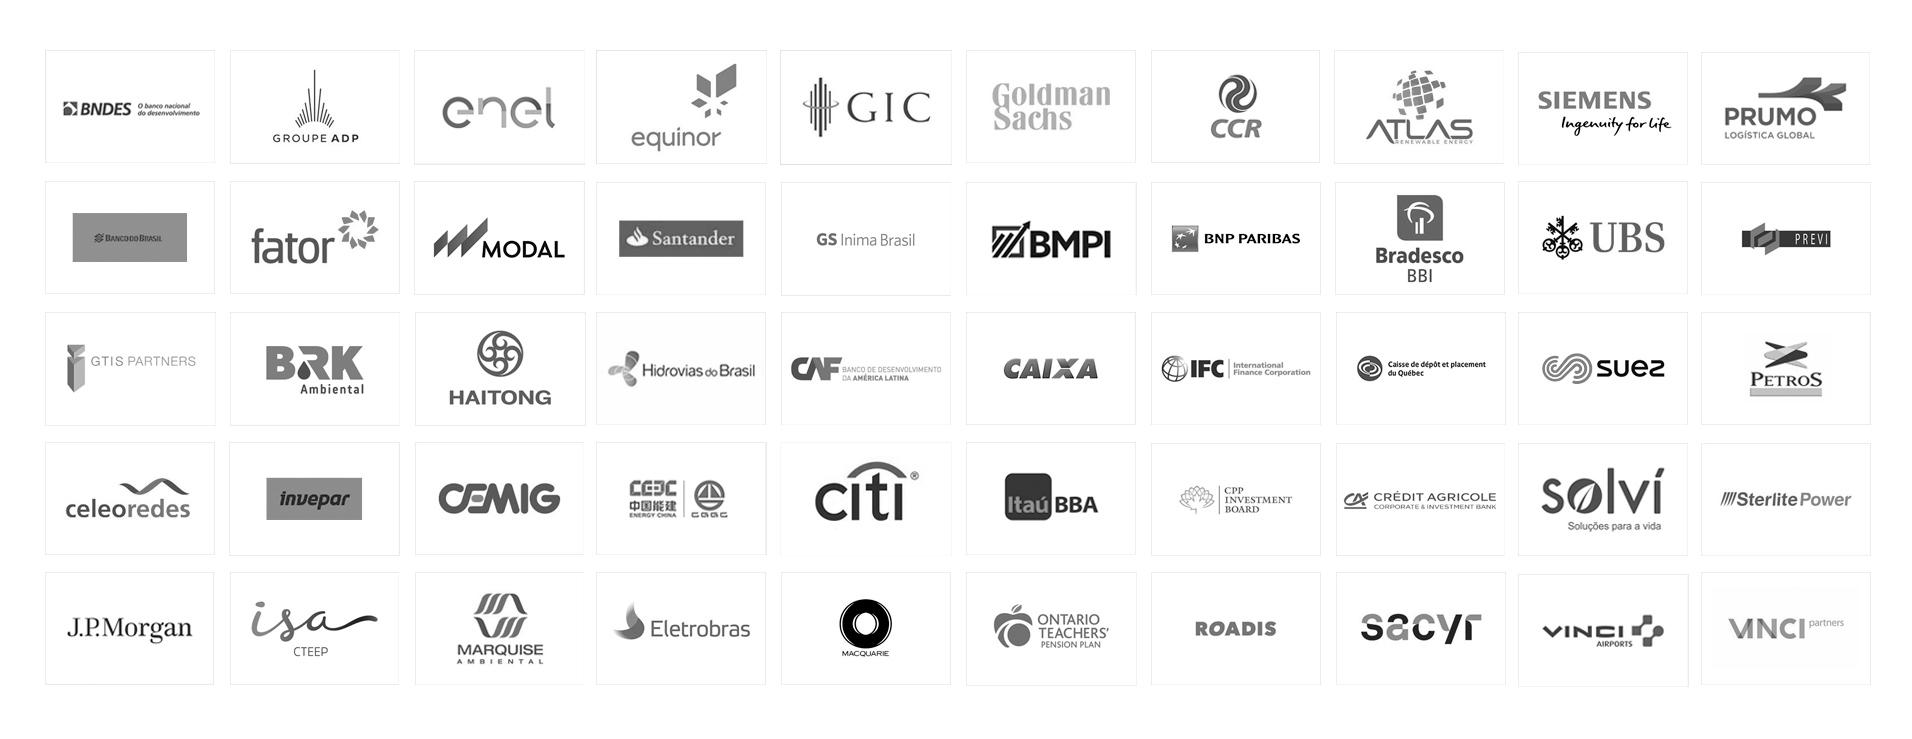 Nas últimas edições, o encontro reuniu mais de 500 líderes de infraestrutura para discutir soluções e desafios do setor no Brasil.